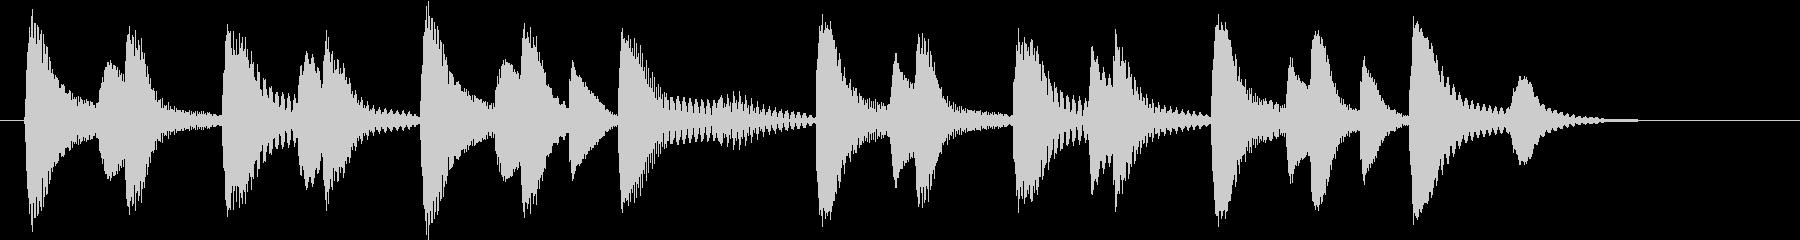 木琴のドミソのみで構成されたジングルの未再生の波形